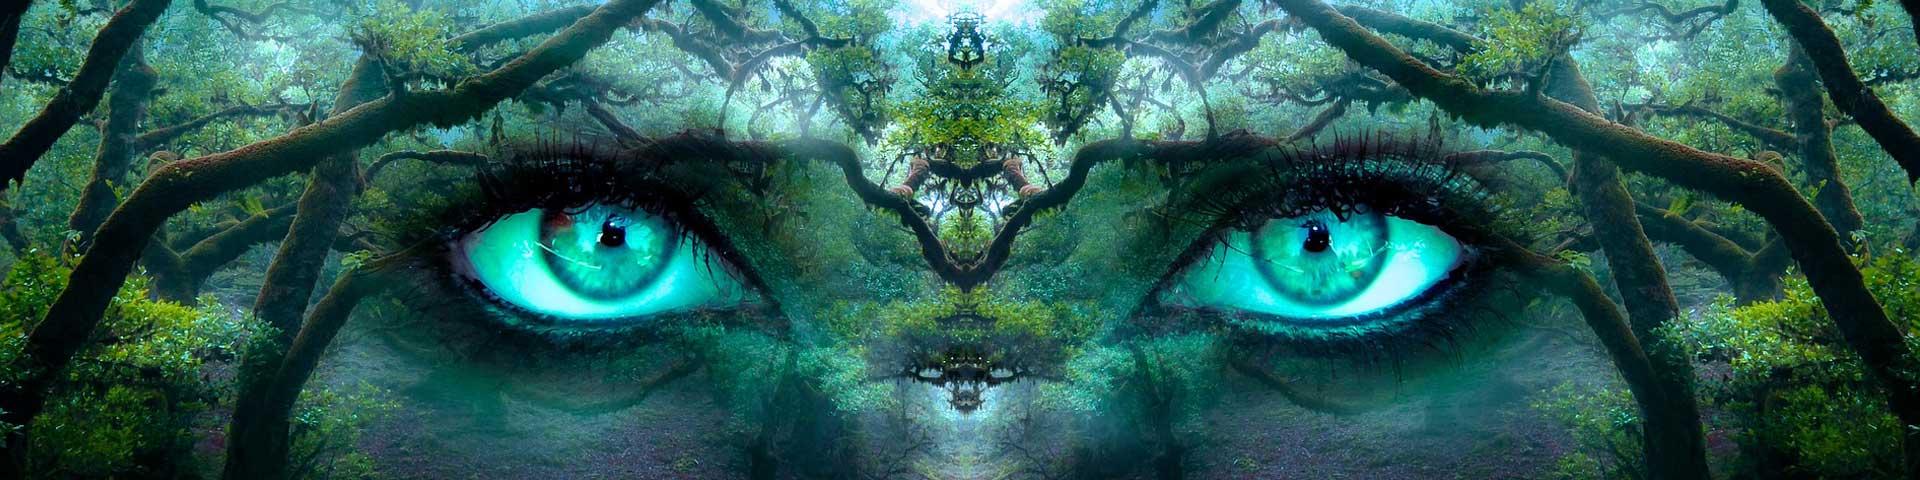 Come-risvegliare-il-potere-dell'intuizione-per-un-salto-quantico-nella-tua-evoluzione-personale-WildWisdom-Blog